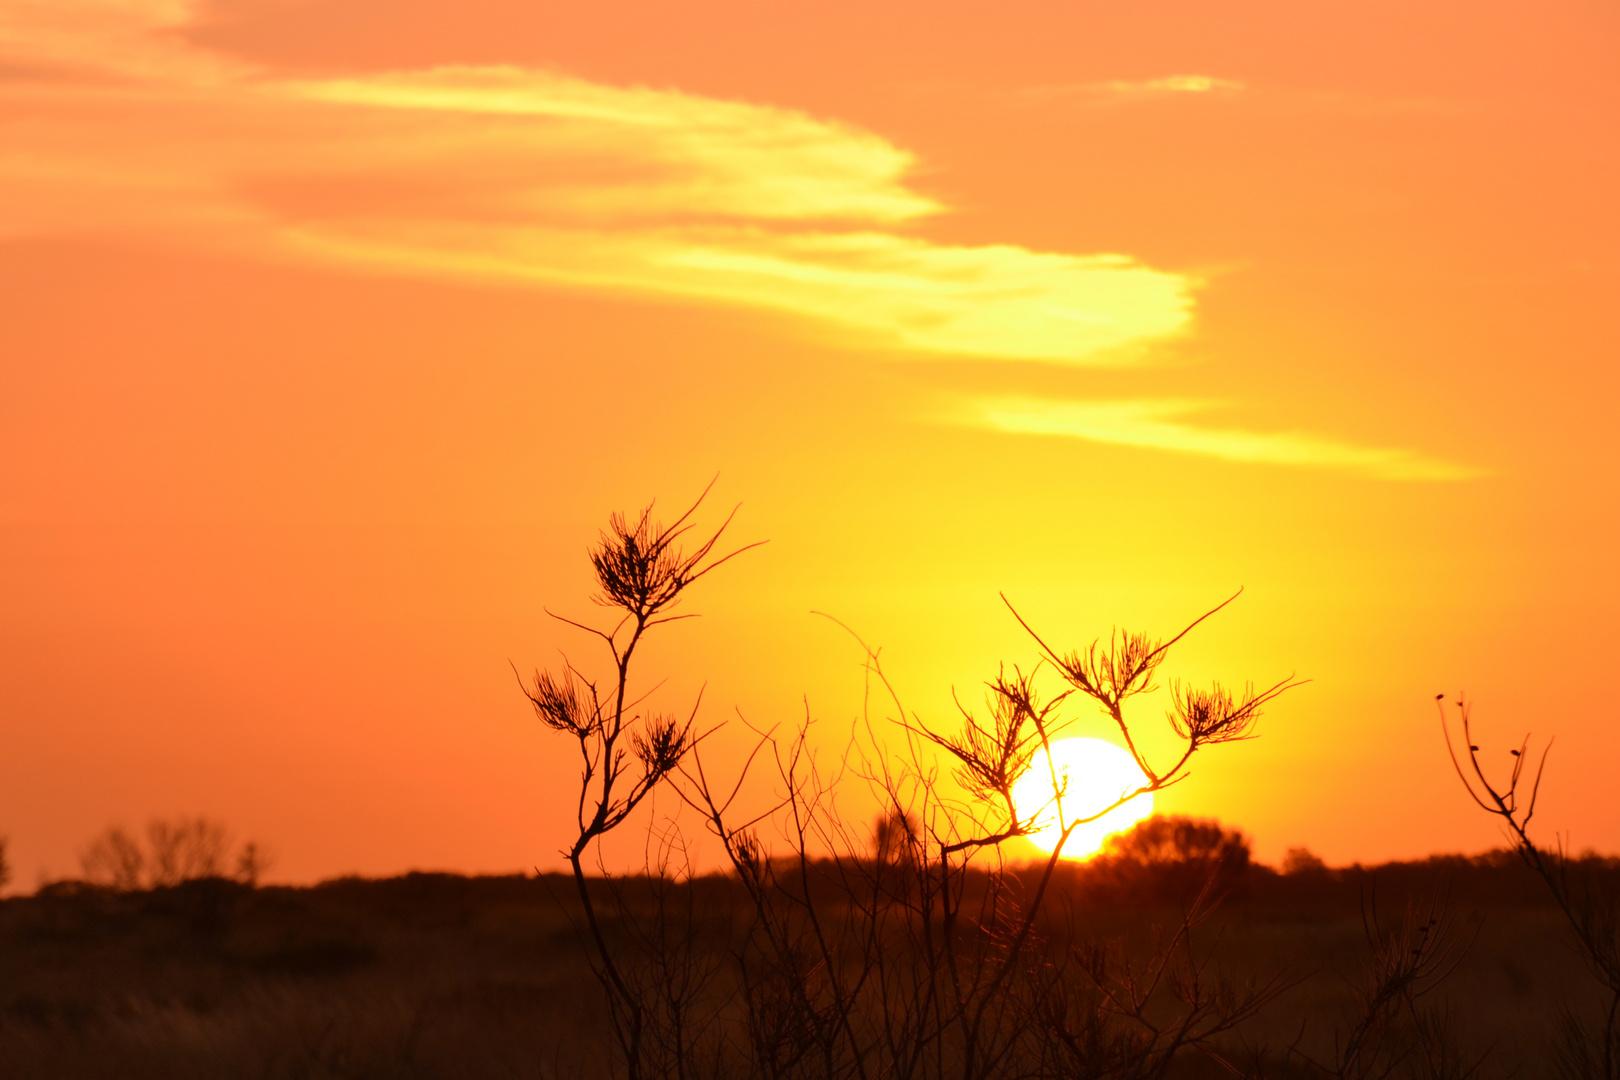 Sonnenaufgang im Kata Tjuta NP